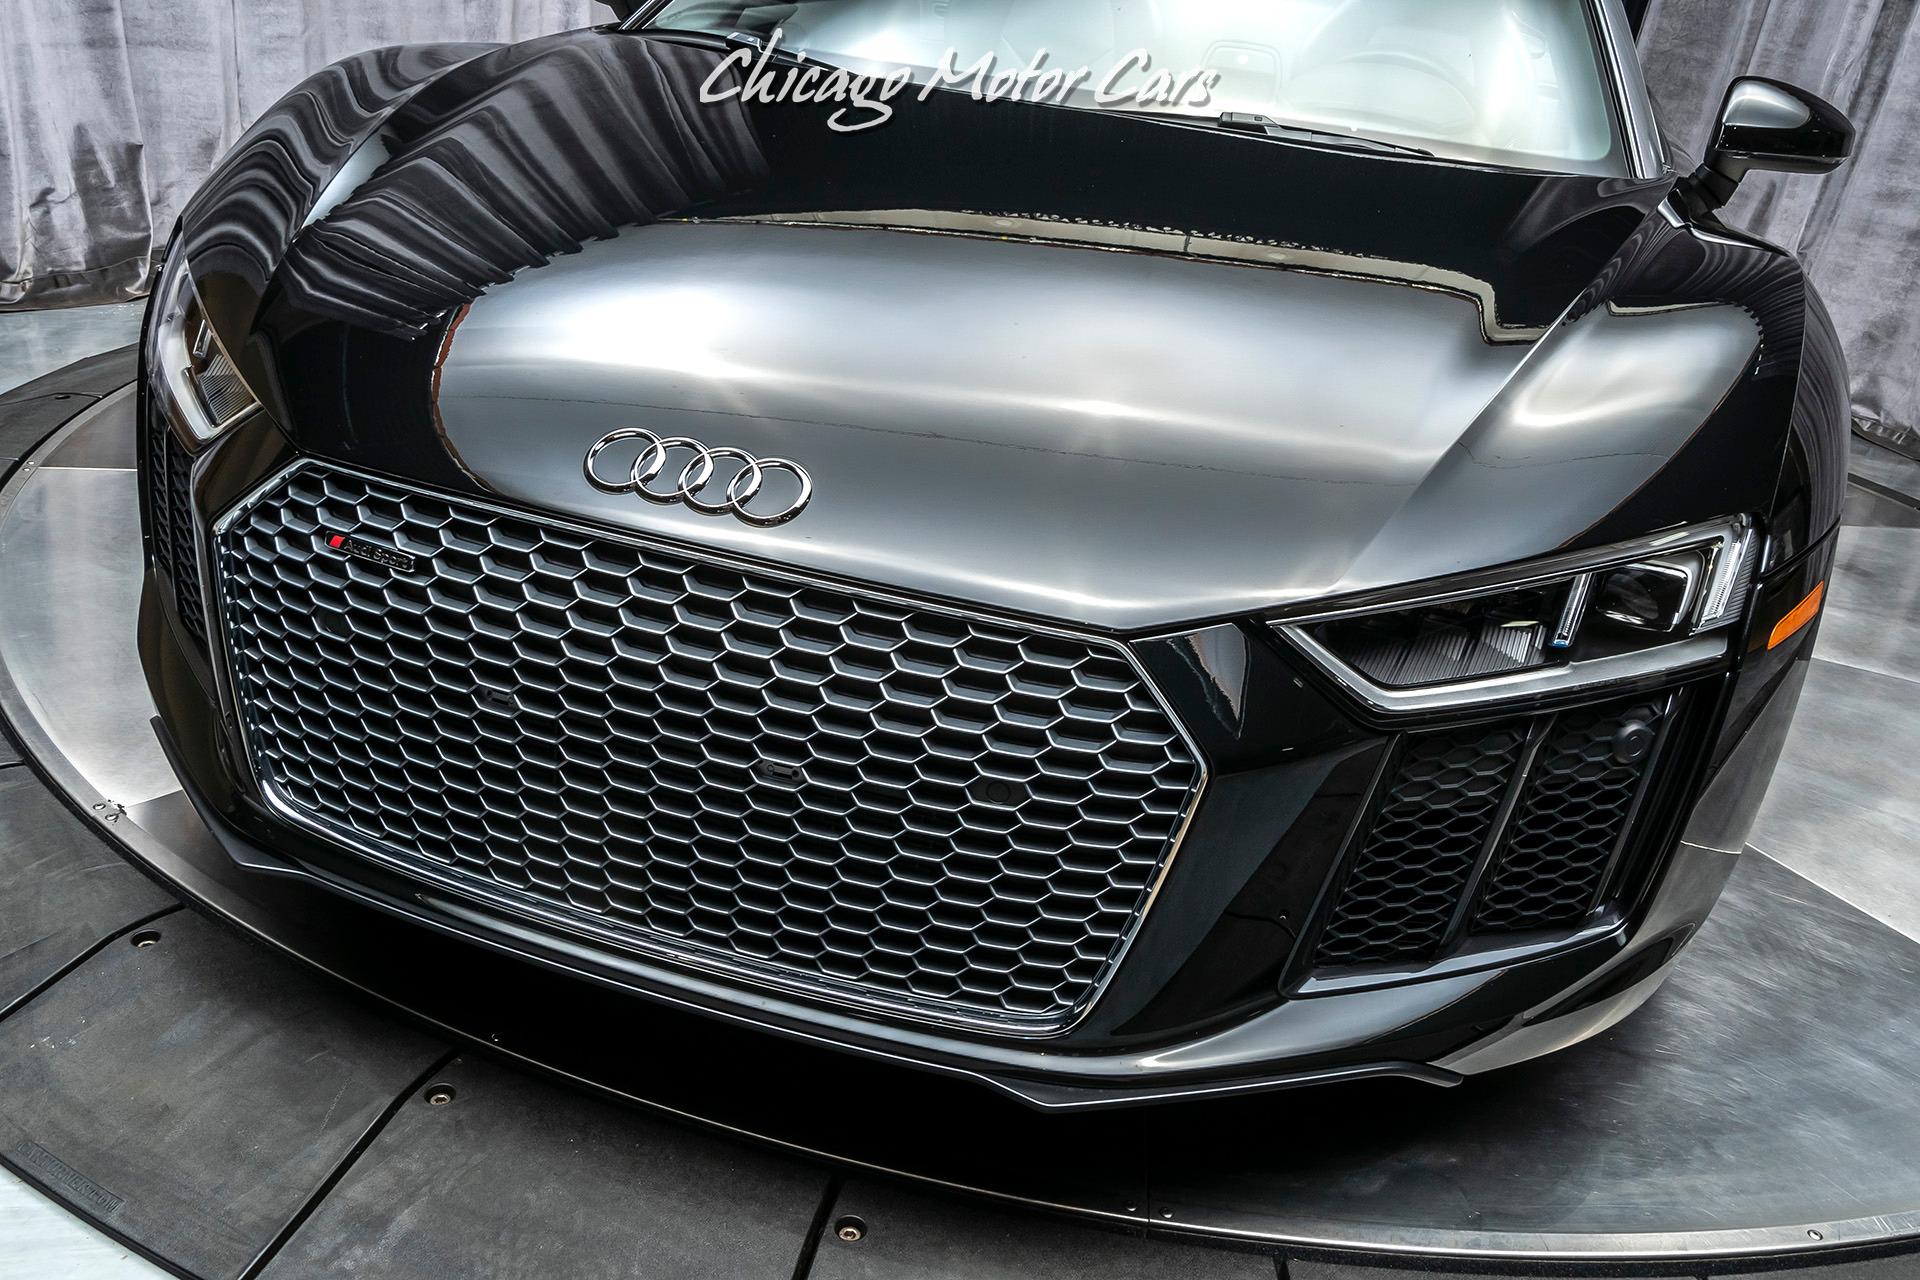 Used-2018-Audi-R8-V10-Spyder-quattro-S-tronic-MSRP-208K-Carbon-Ceramic-Brakes-3k-Miles